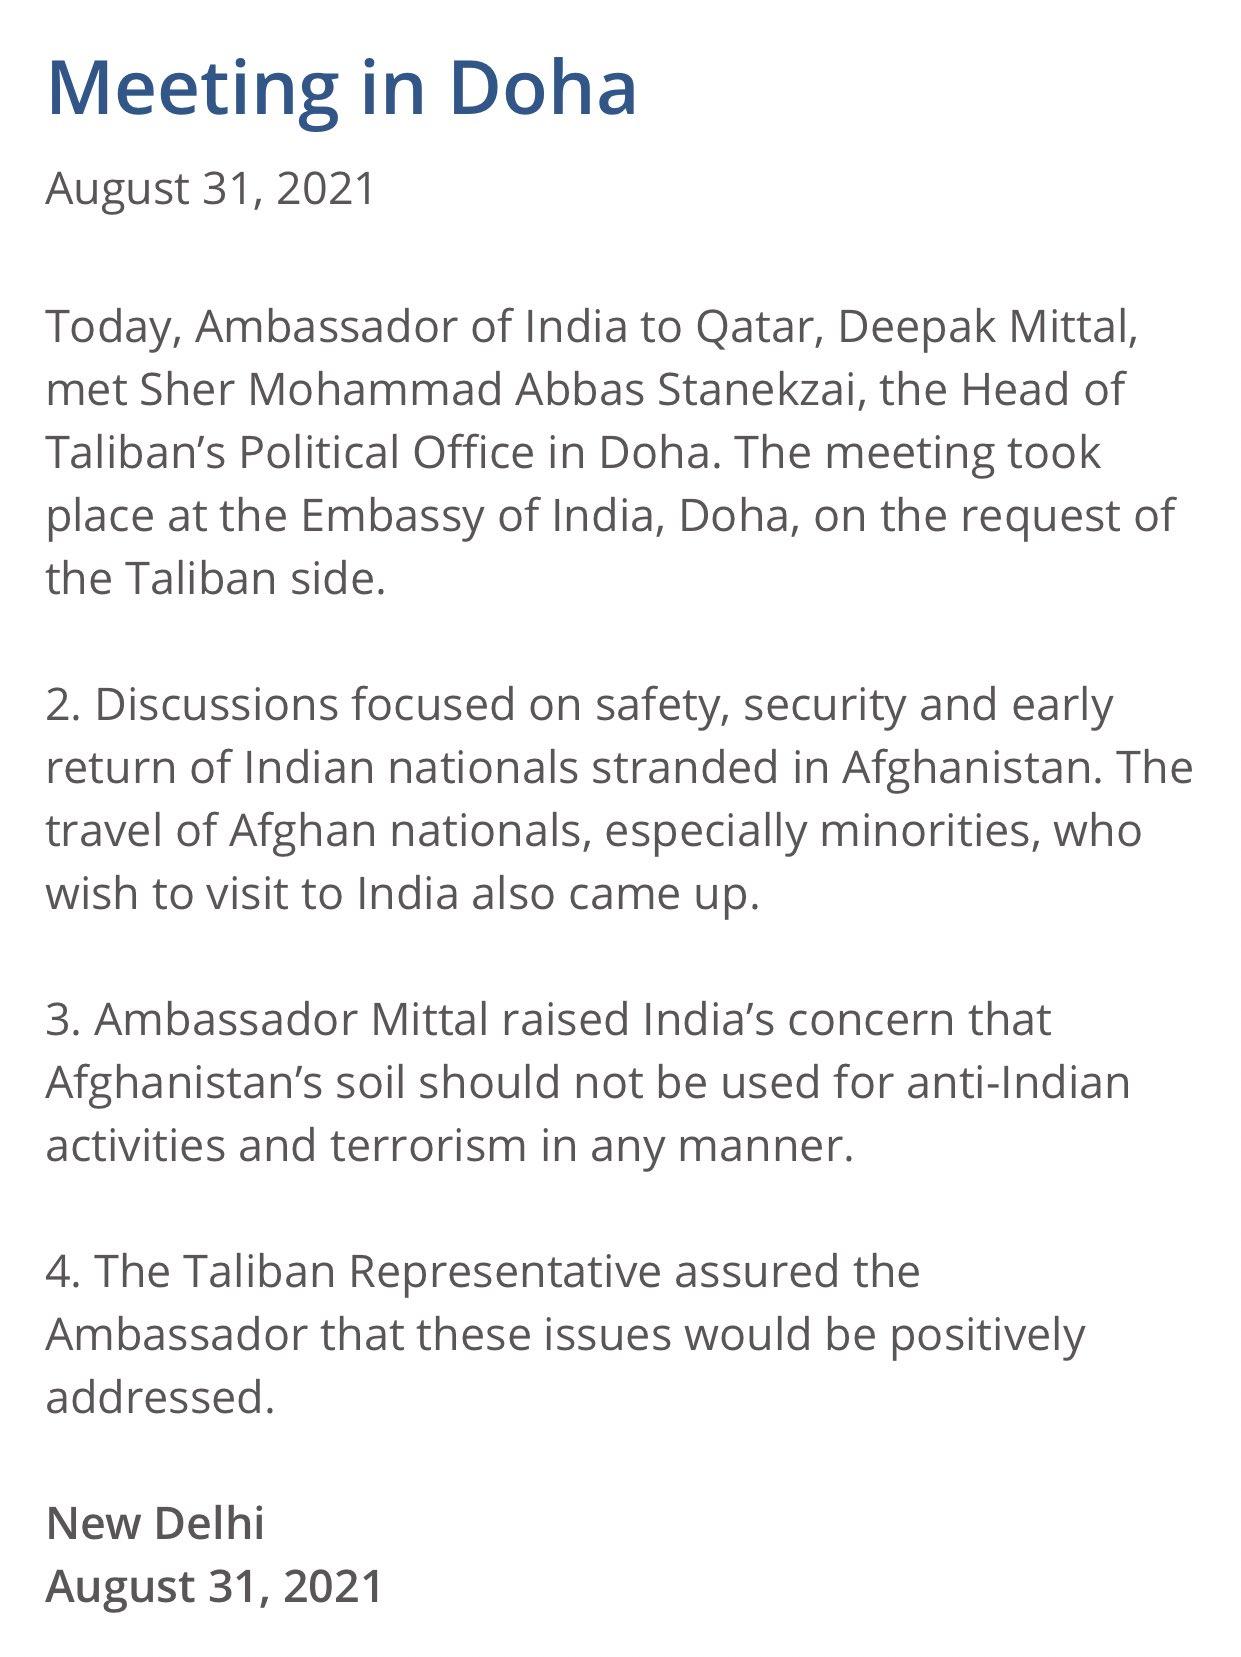 कतर में भारत के राजदूत ने तालिबान के राजनीतिक कार्यालय के प्रमुख मोहम्मद अब्बास स्टेनक्जई से मुलाकात की